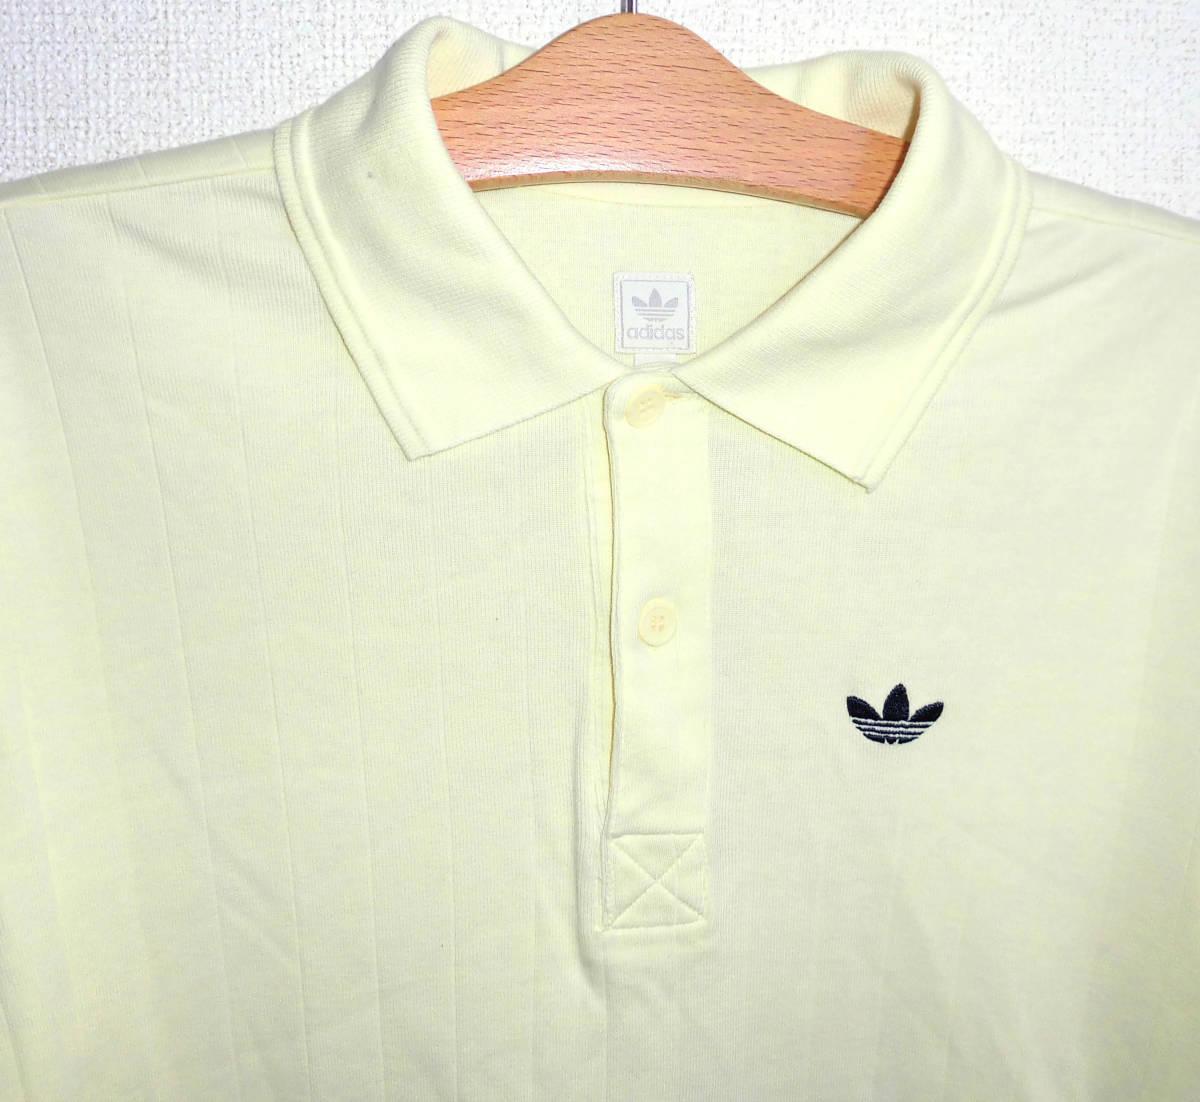 美品 アディダスオリジナルス トレフォイル刺繍 ポロシャツ S adidas originals